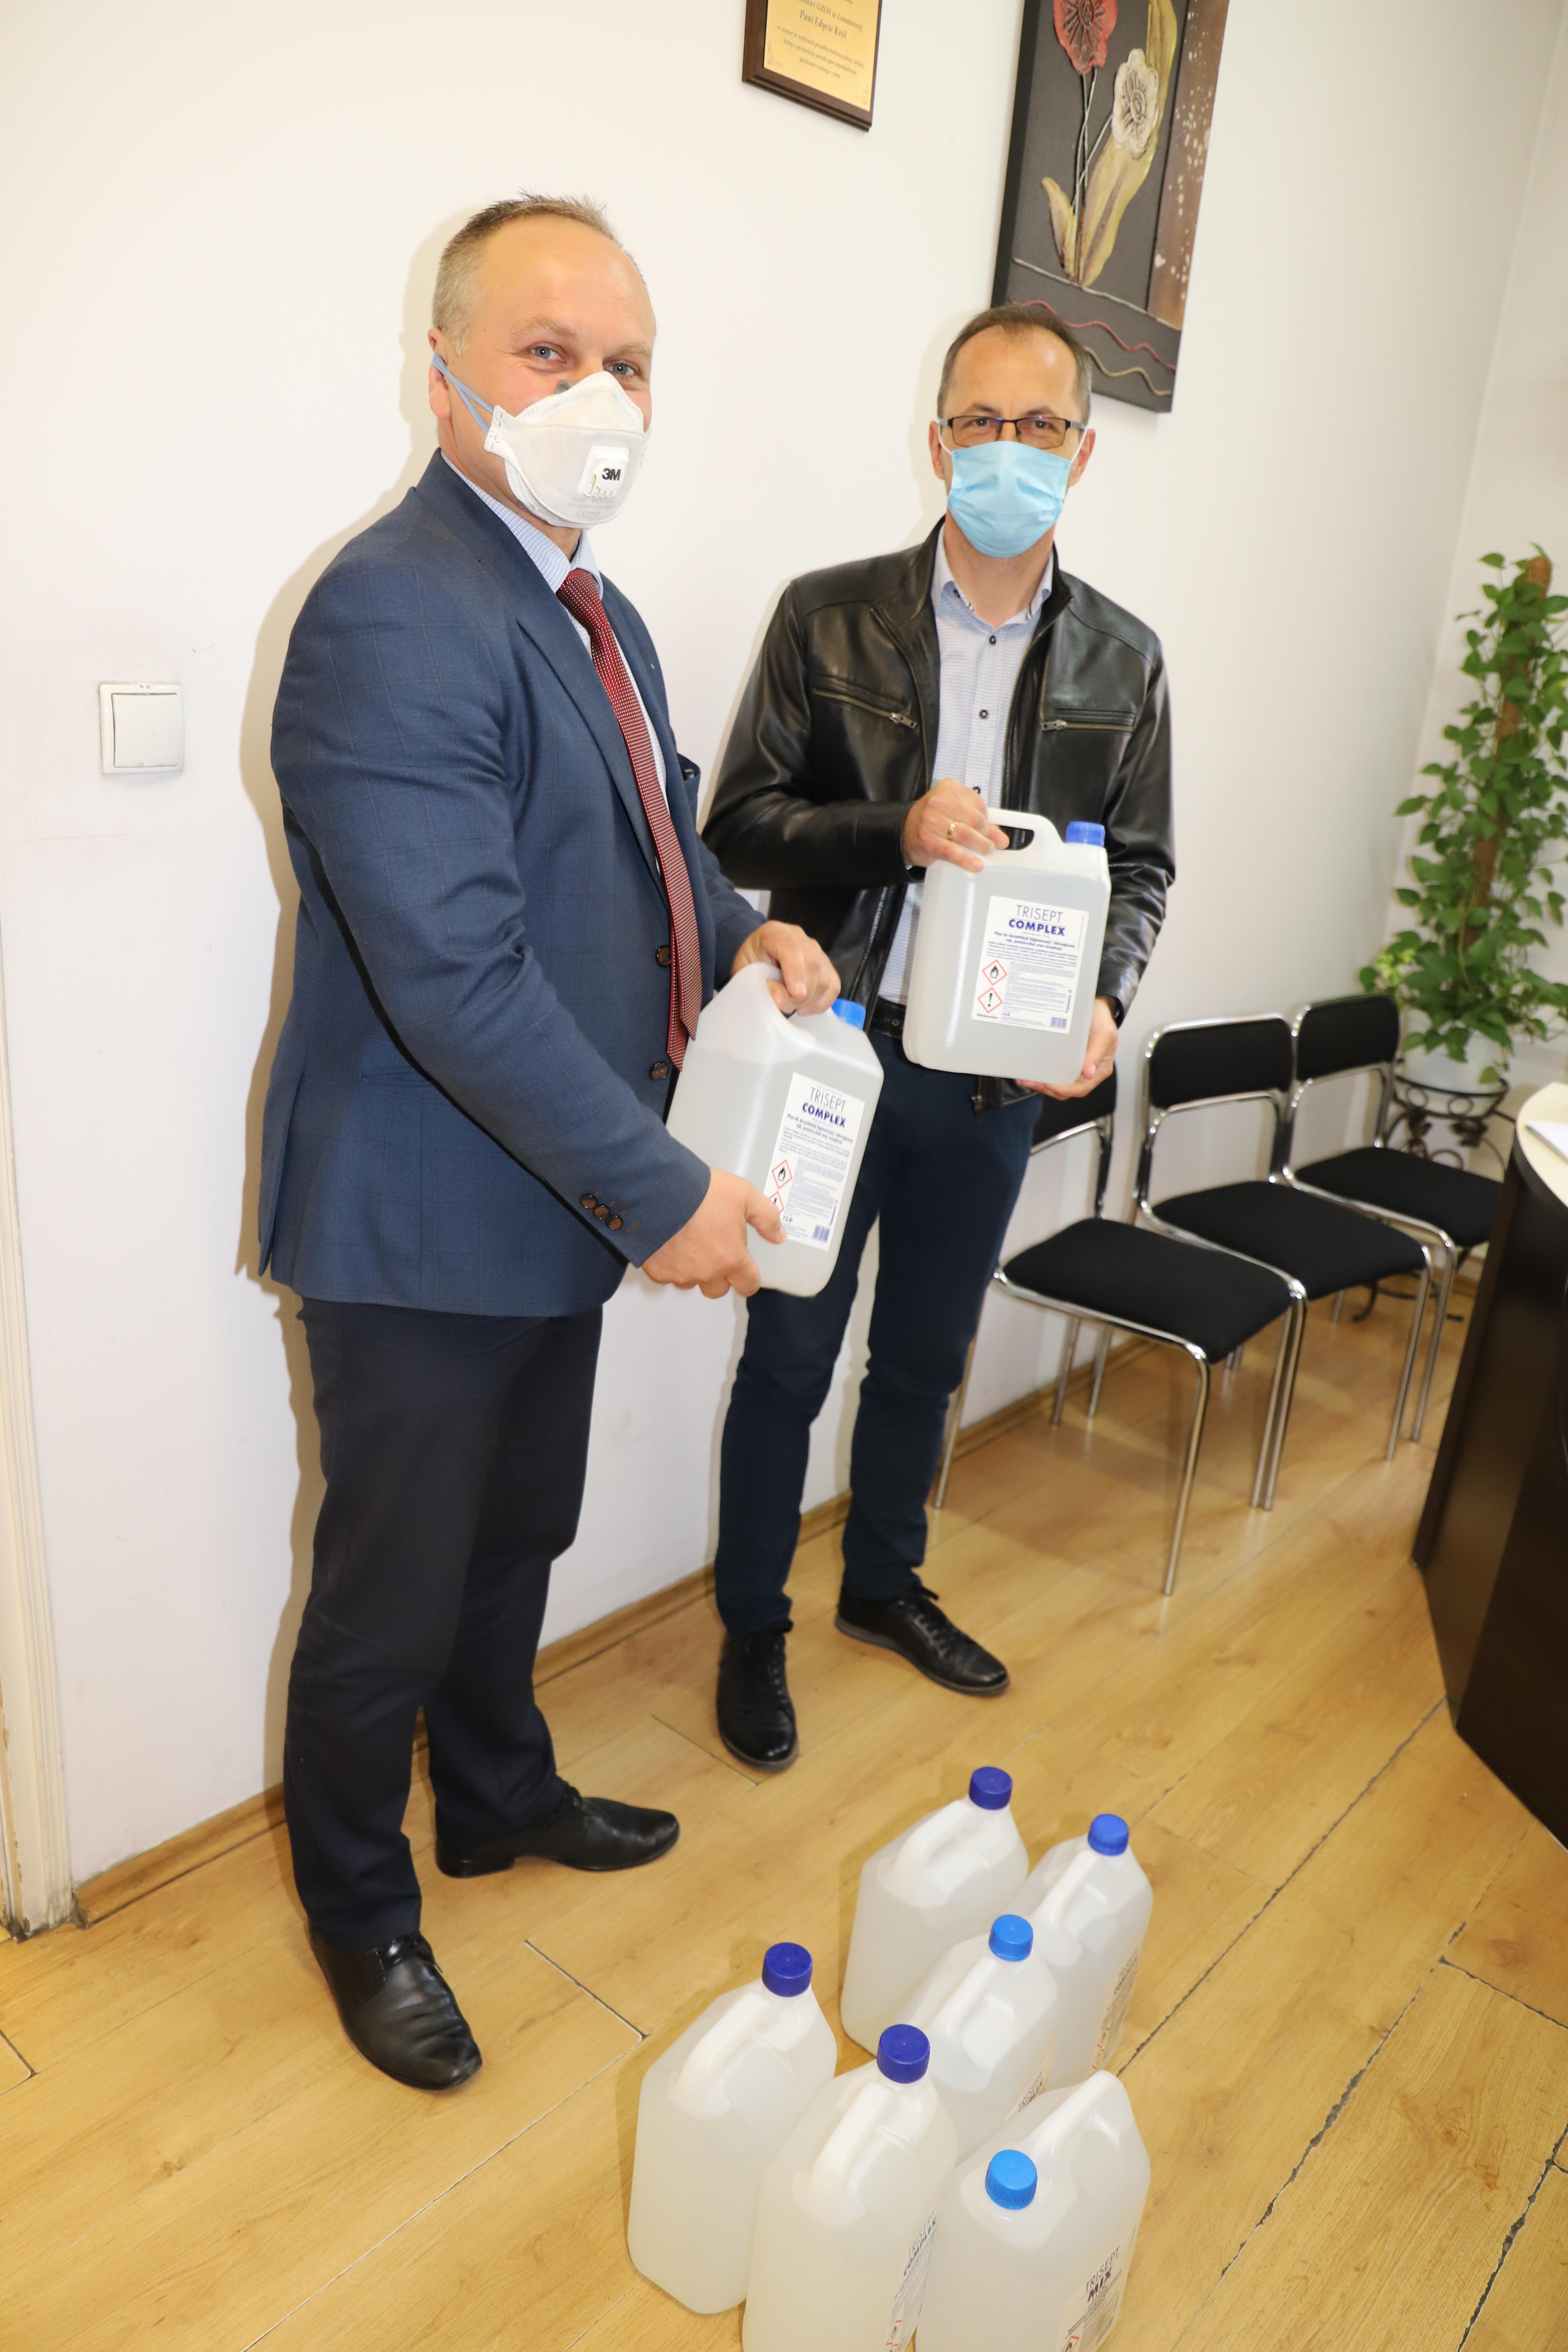 Wojewoda Małopolski przekazał Gminie Limanowa środki dezynfekujące dla przedszkoli - zdjęcie główne